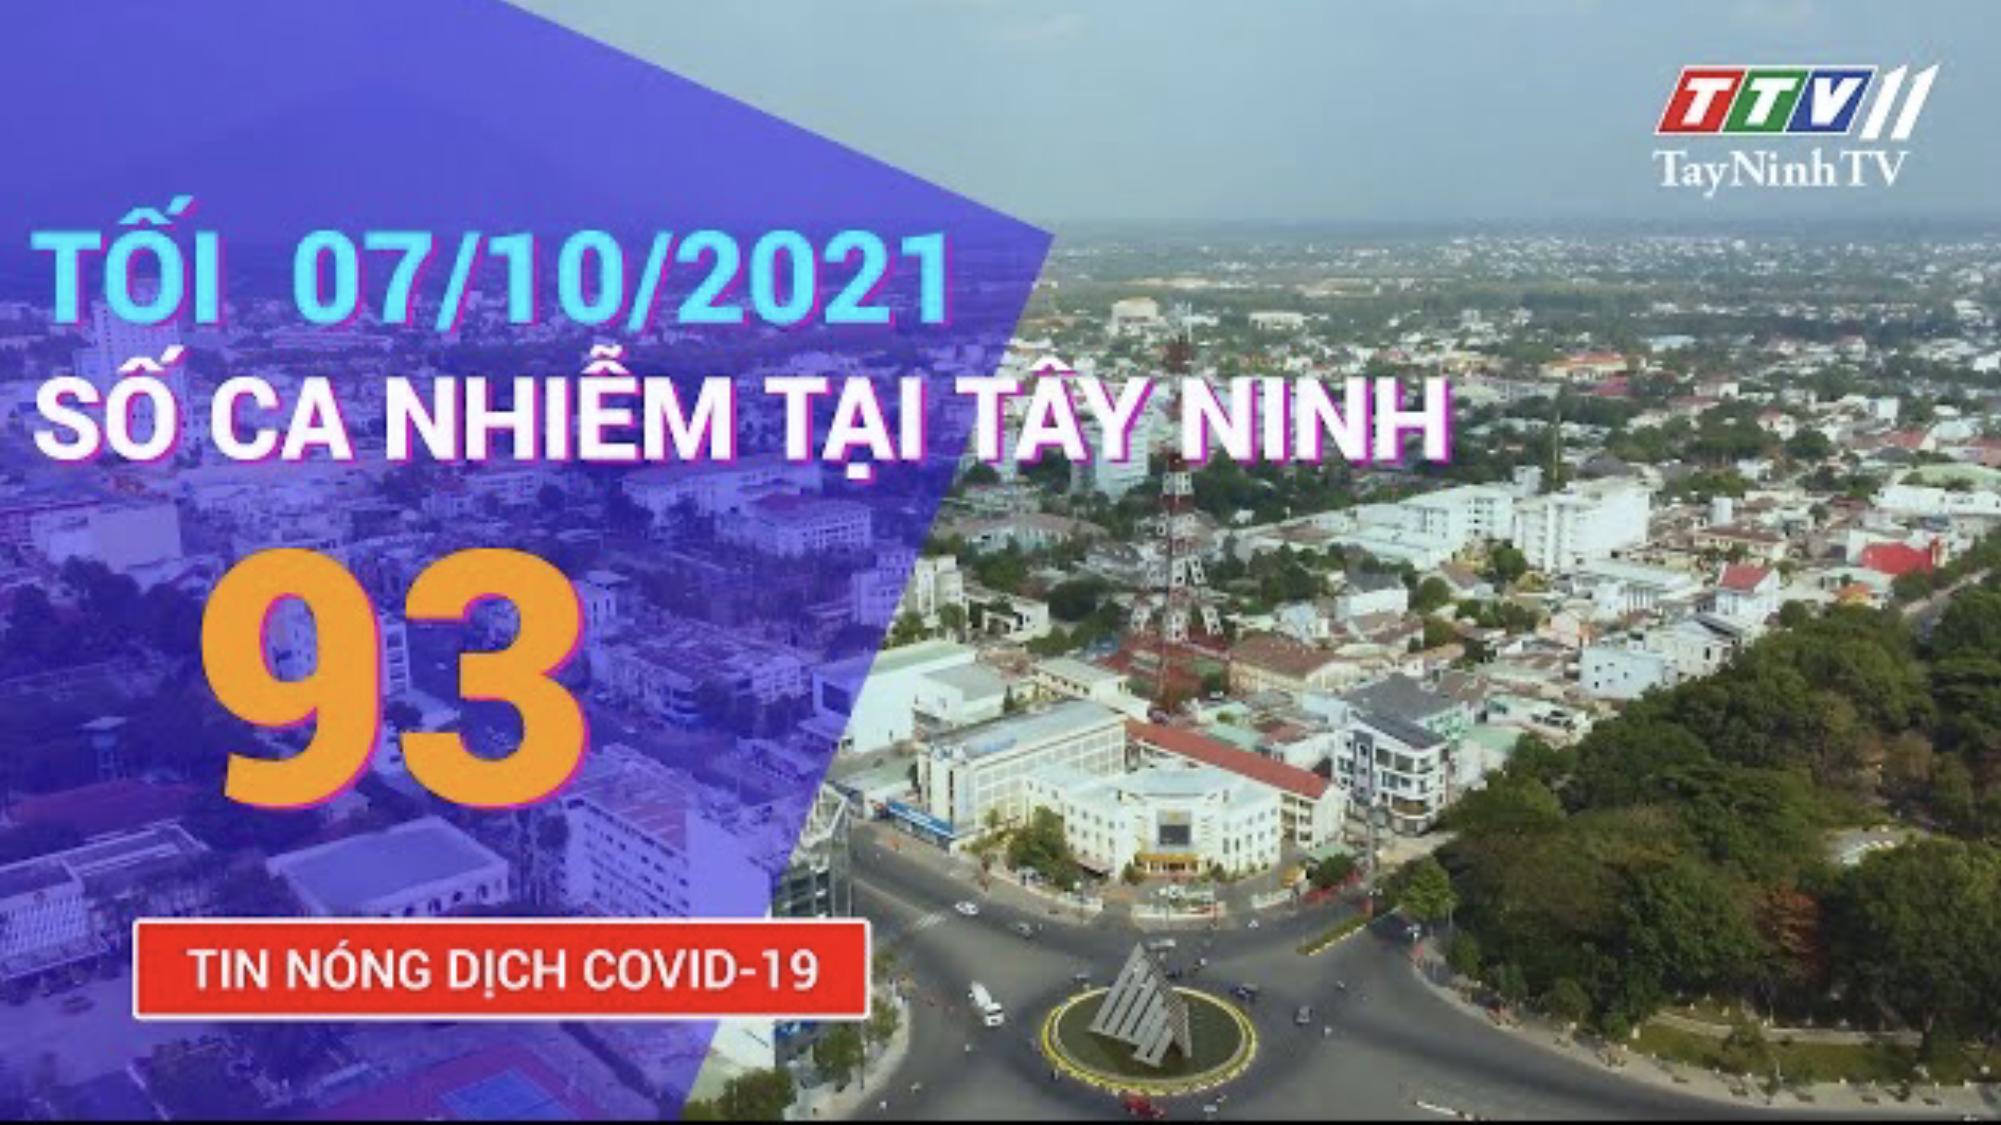 TIN TỨC COVID-19 TỐI NGÀY 07/10/2021 | Tin tức hôm nay | TayNinhTV